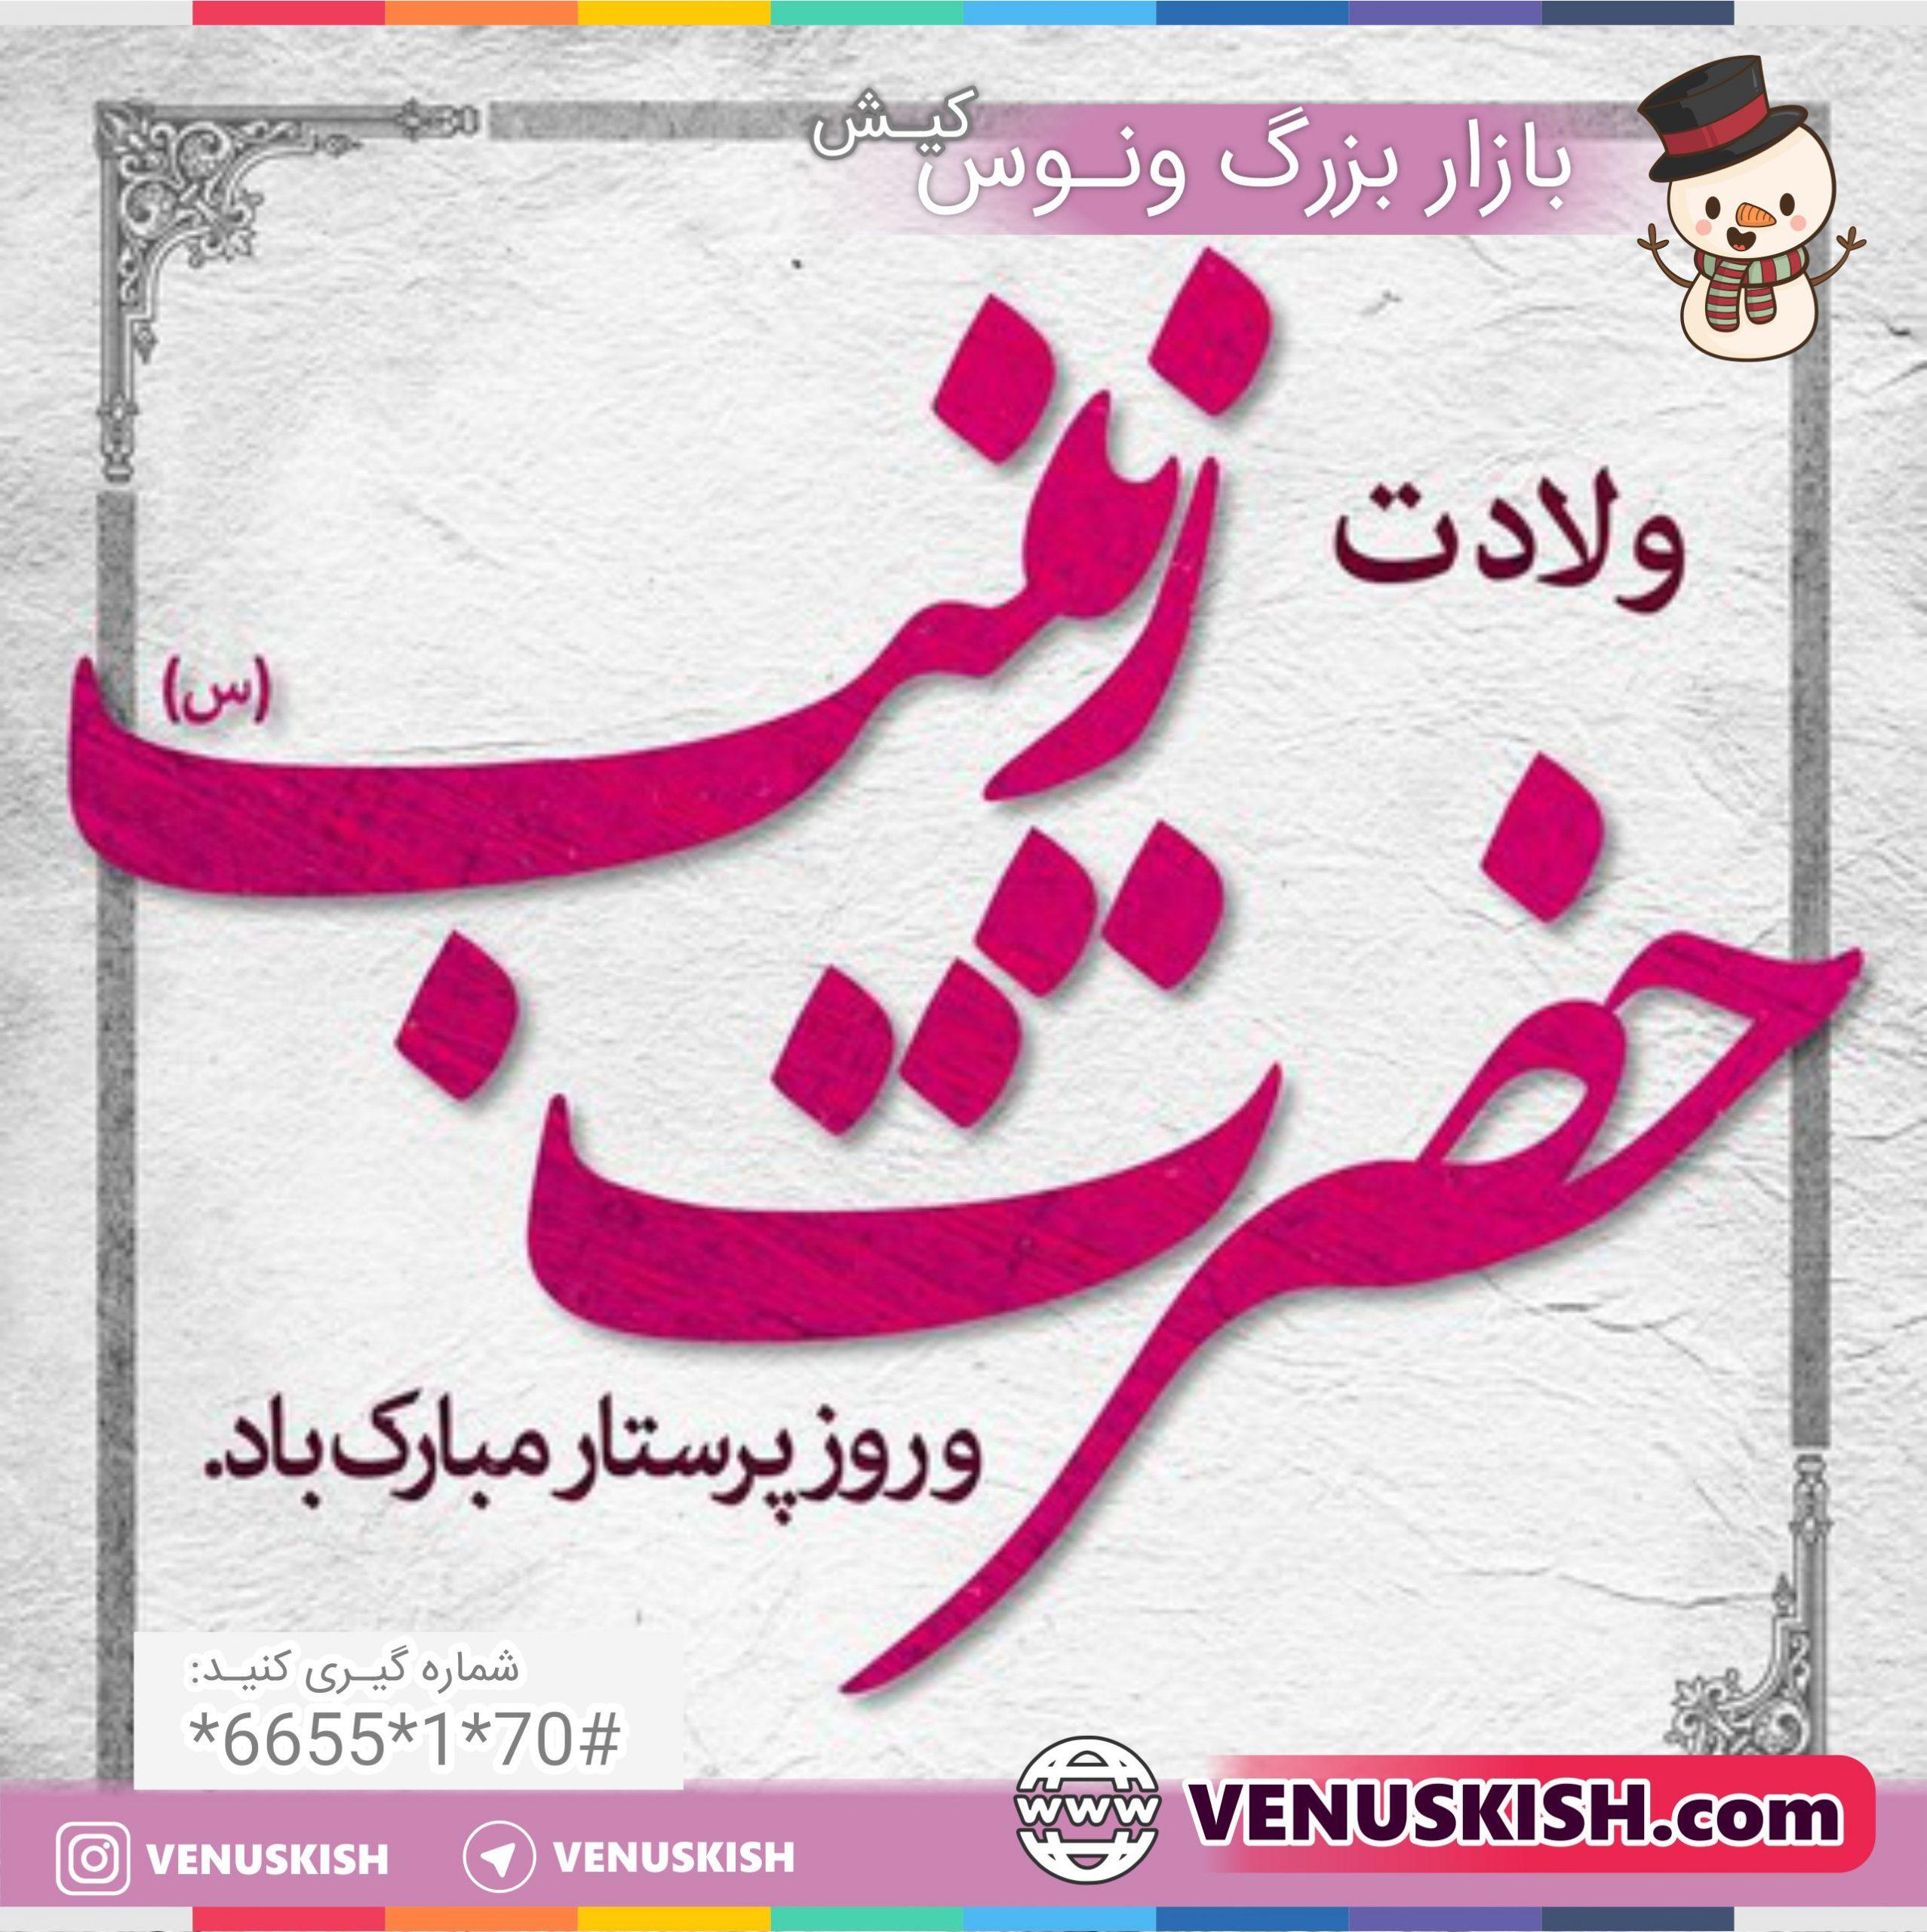 22 دی 🌸ولادت حضرت زینب (س)🌸 مبارک باد.